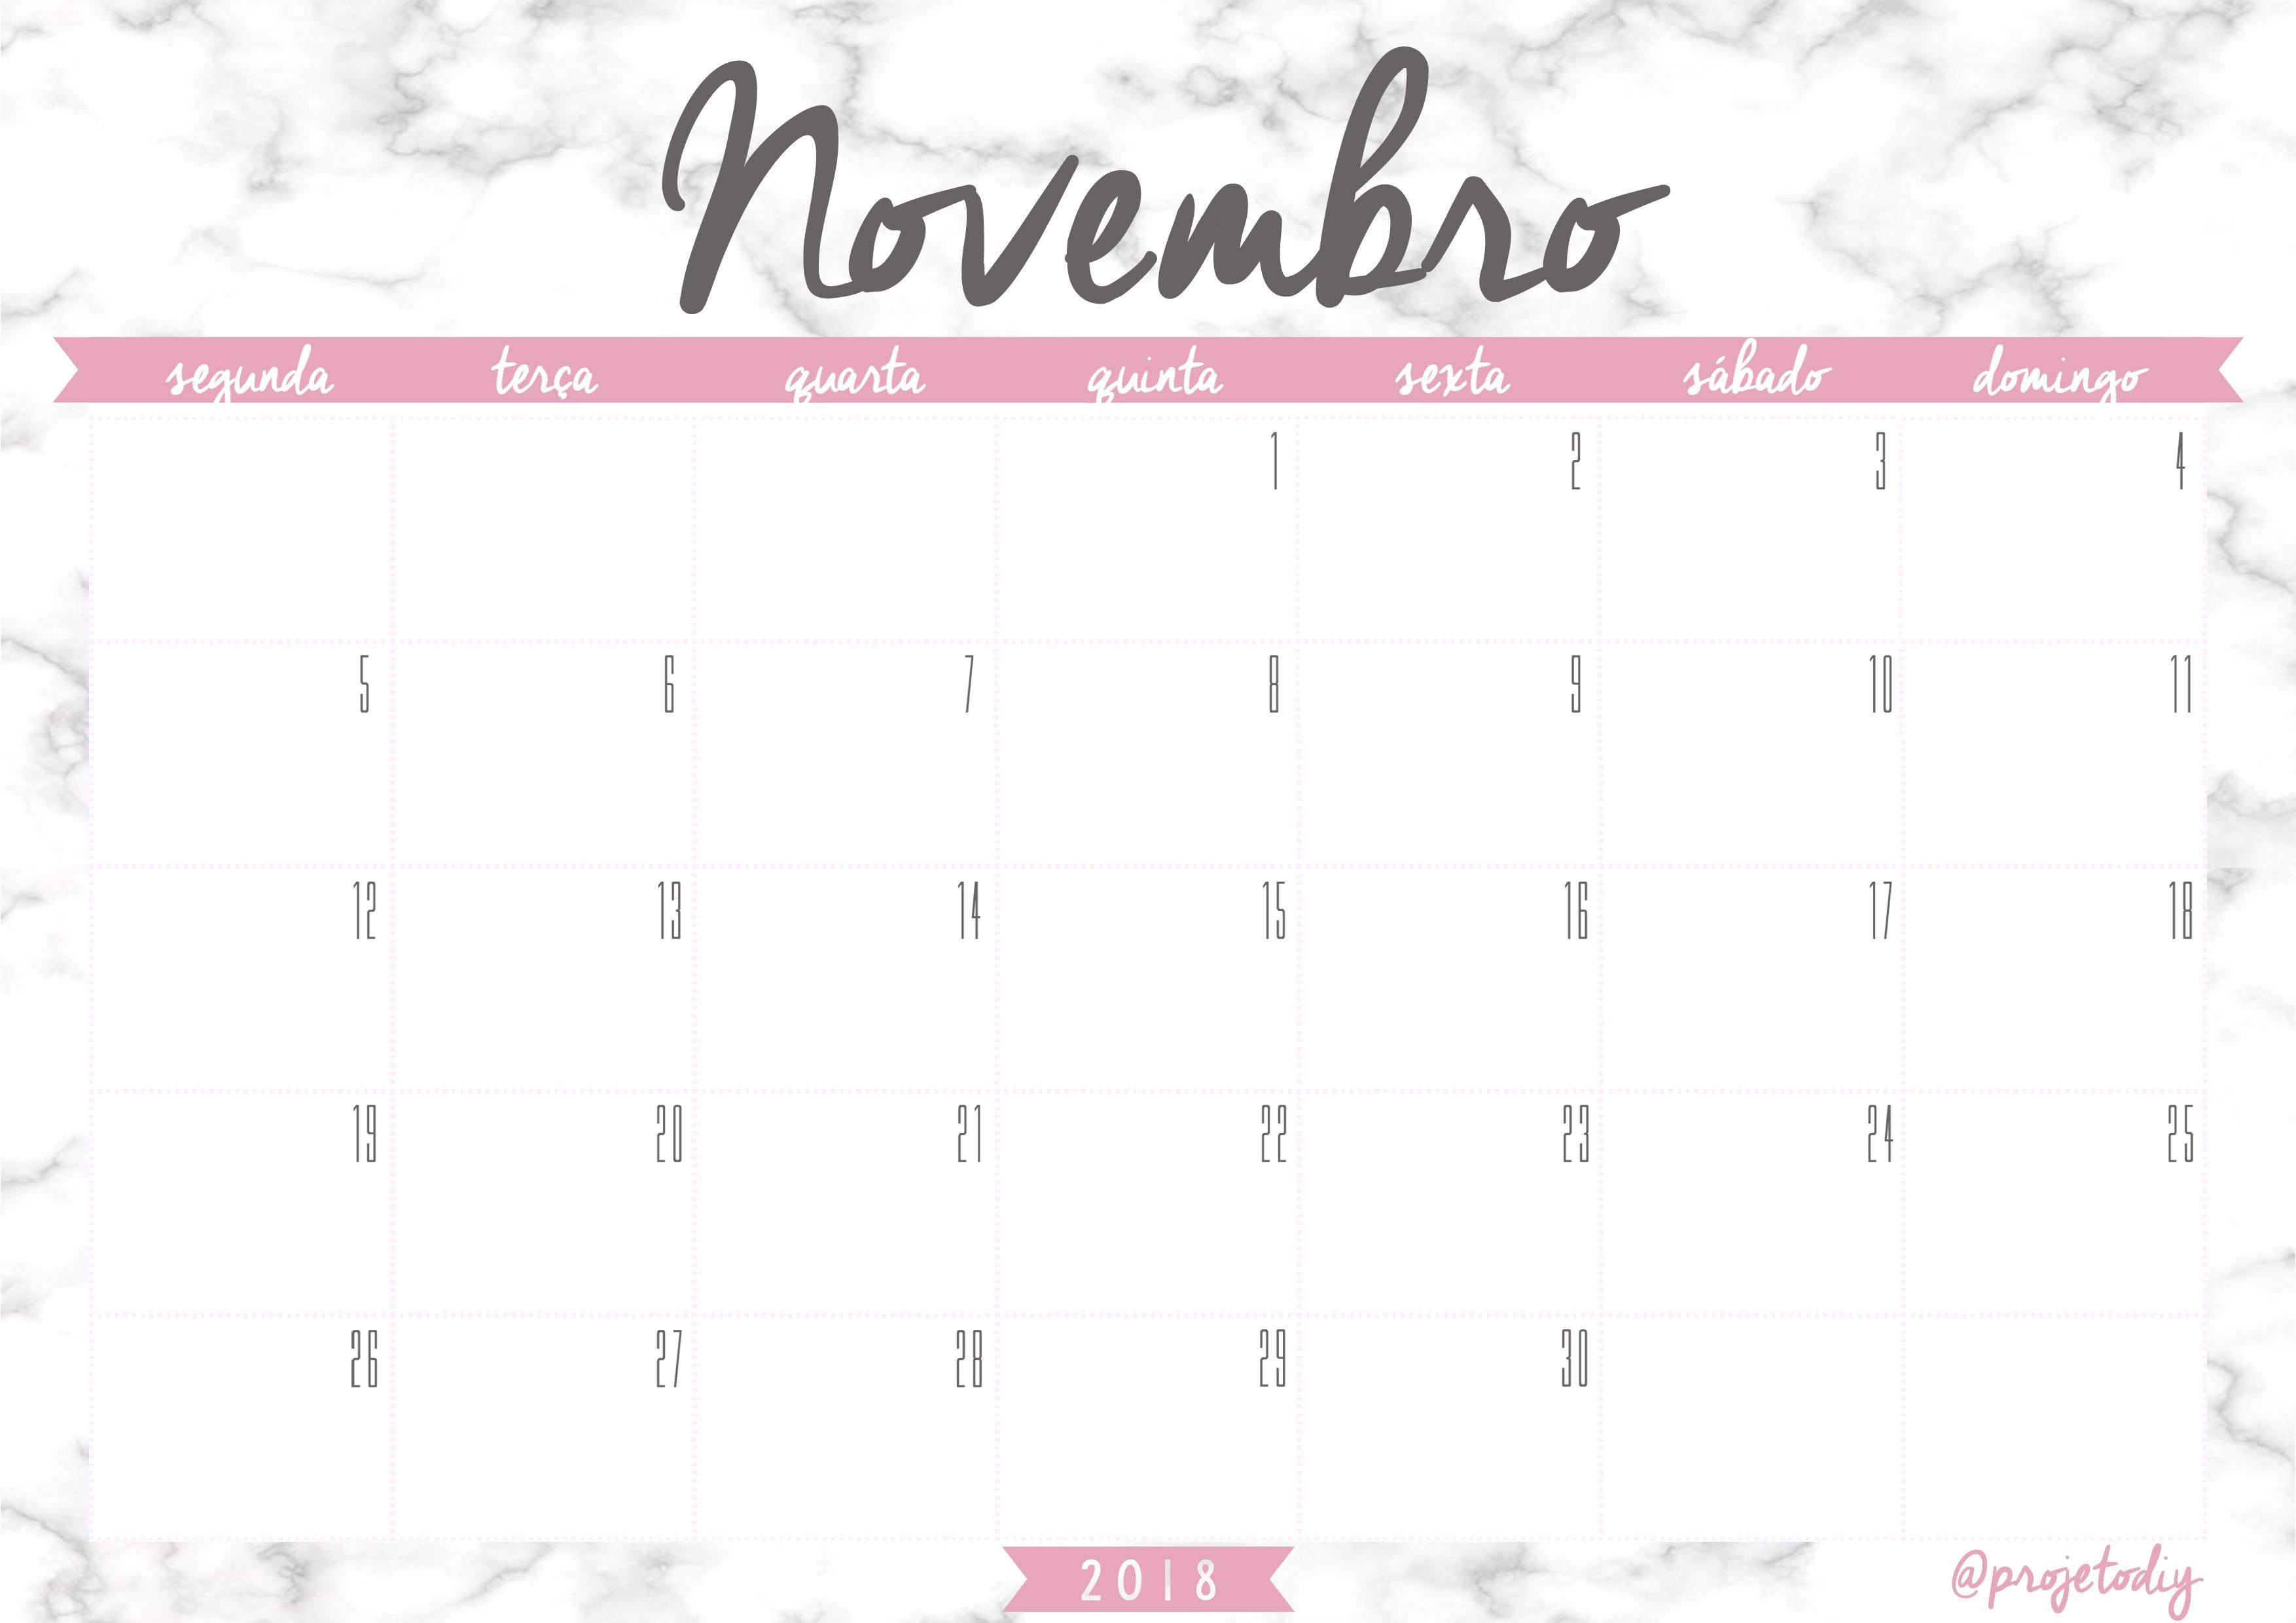 Calendário 2017 Para Imprimir Com Feriados Portugal Más Reciente Calendario Novembro 2018 Imprimir T